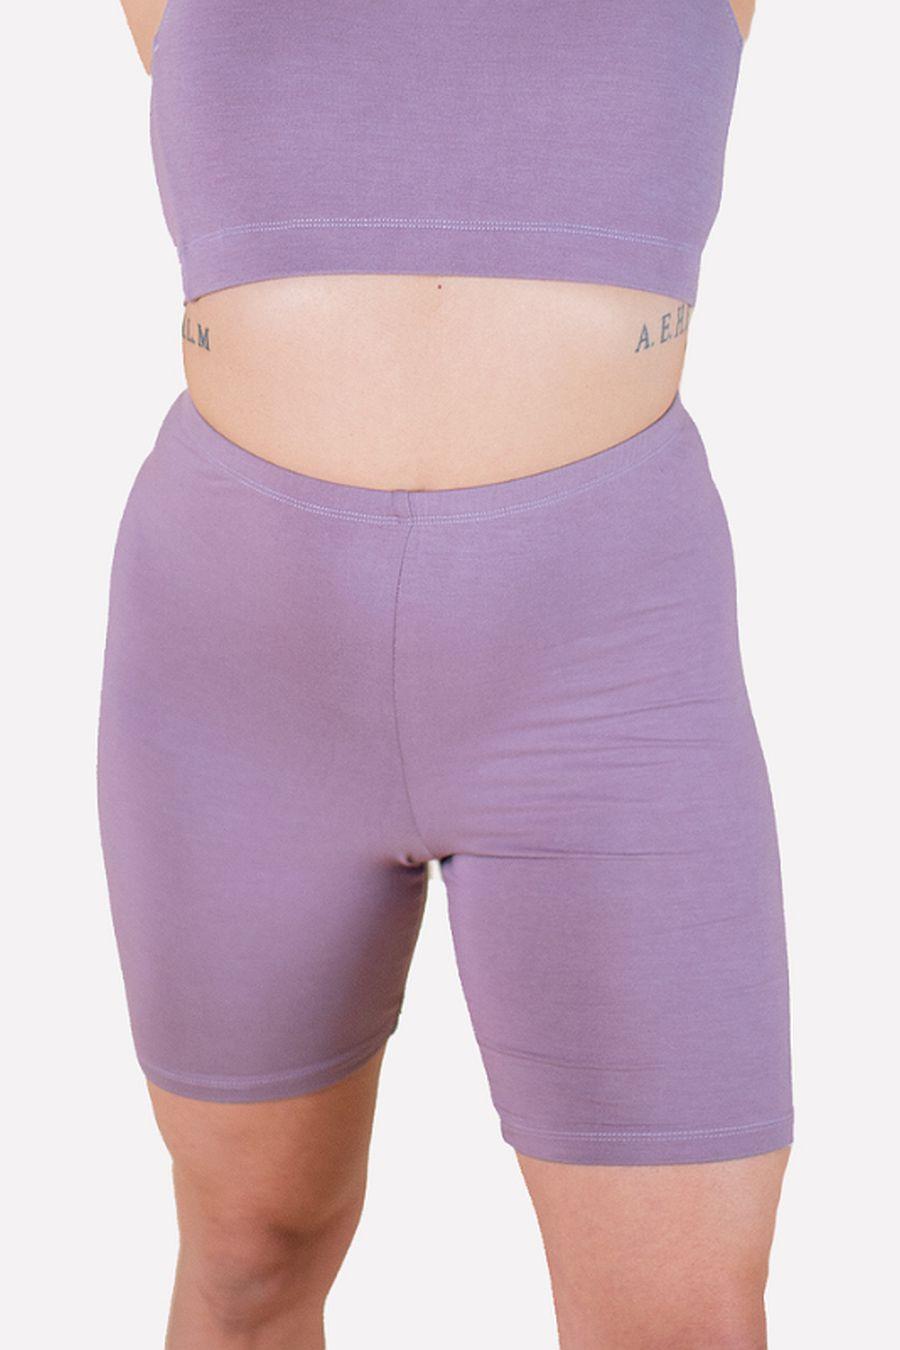 Hara The Label Mauve Gabi Bike Shorts